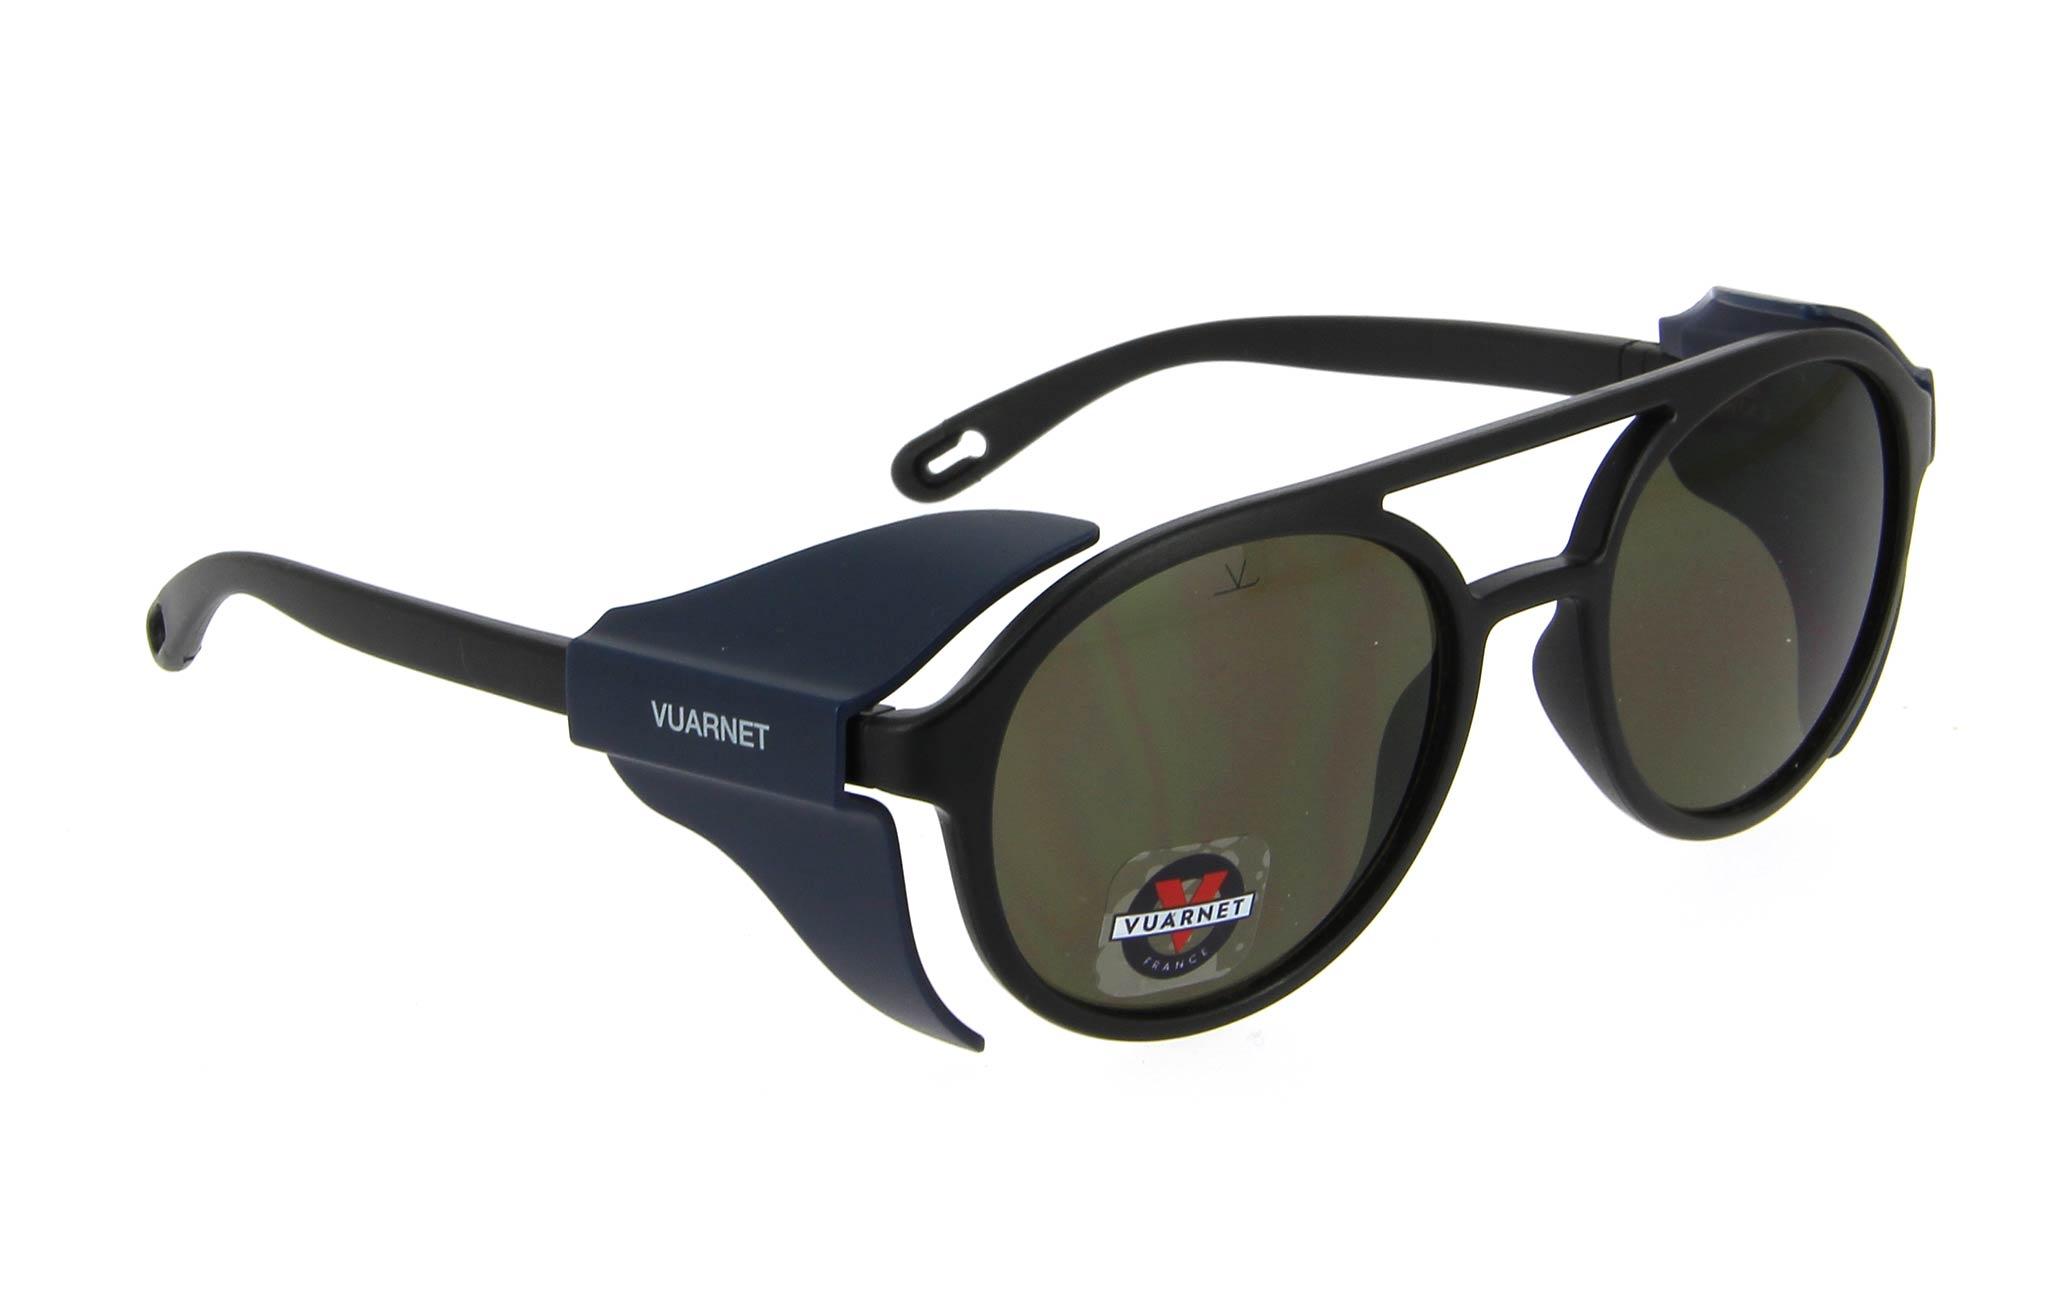 lunettes-de-soleil-enfant-vuarnet-vl1707-0002-gris